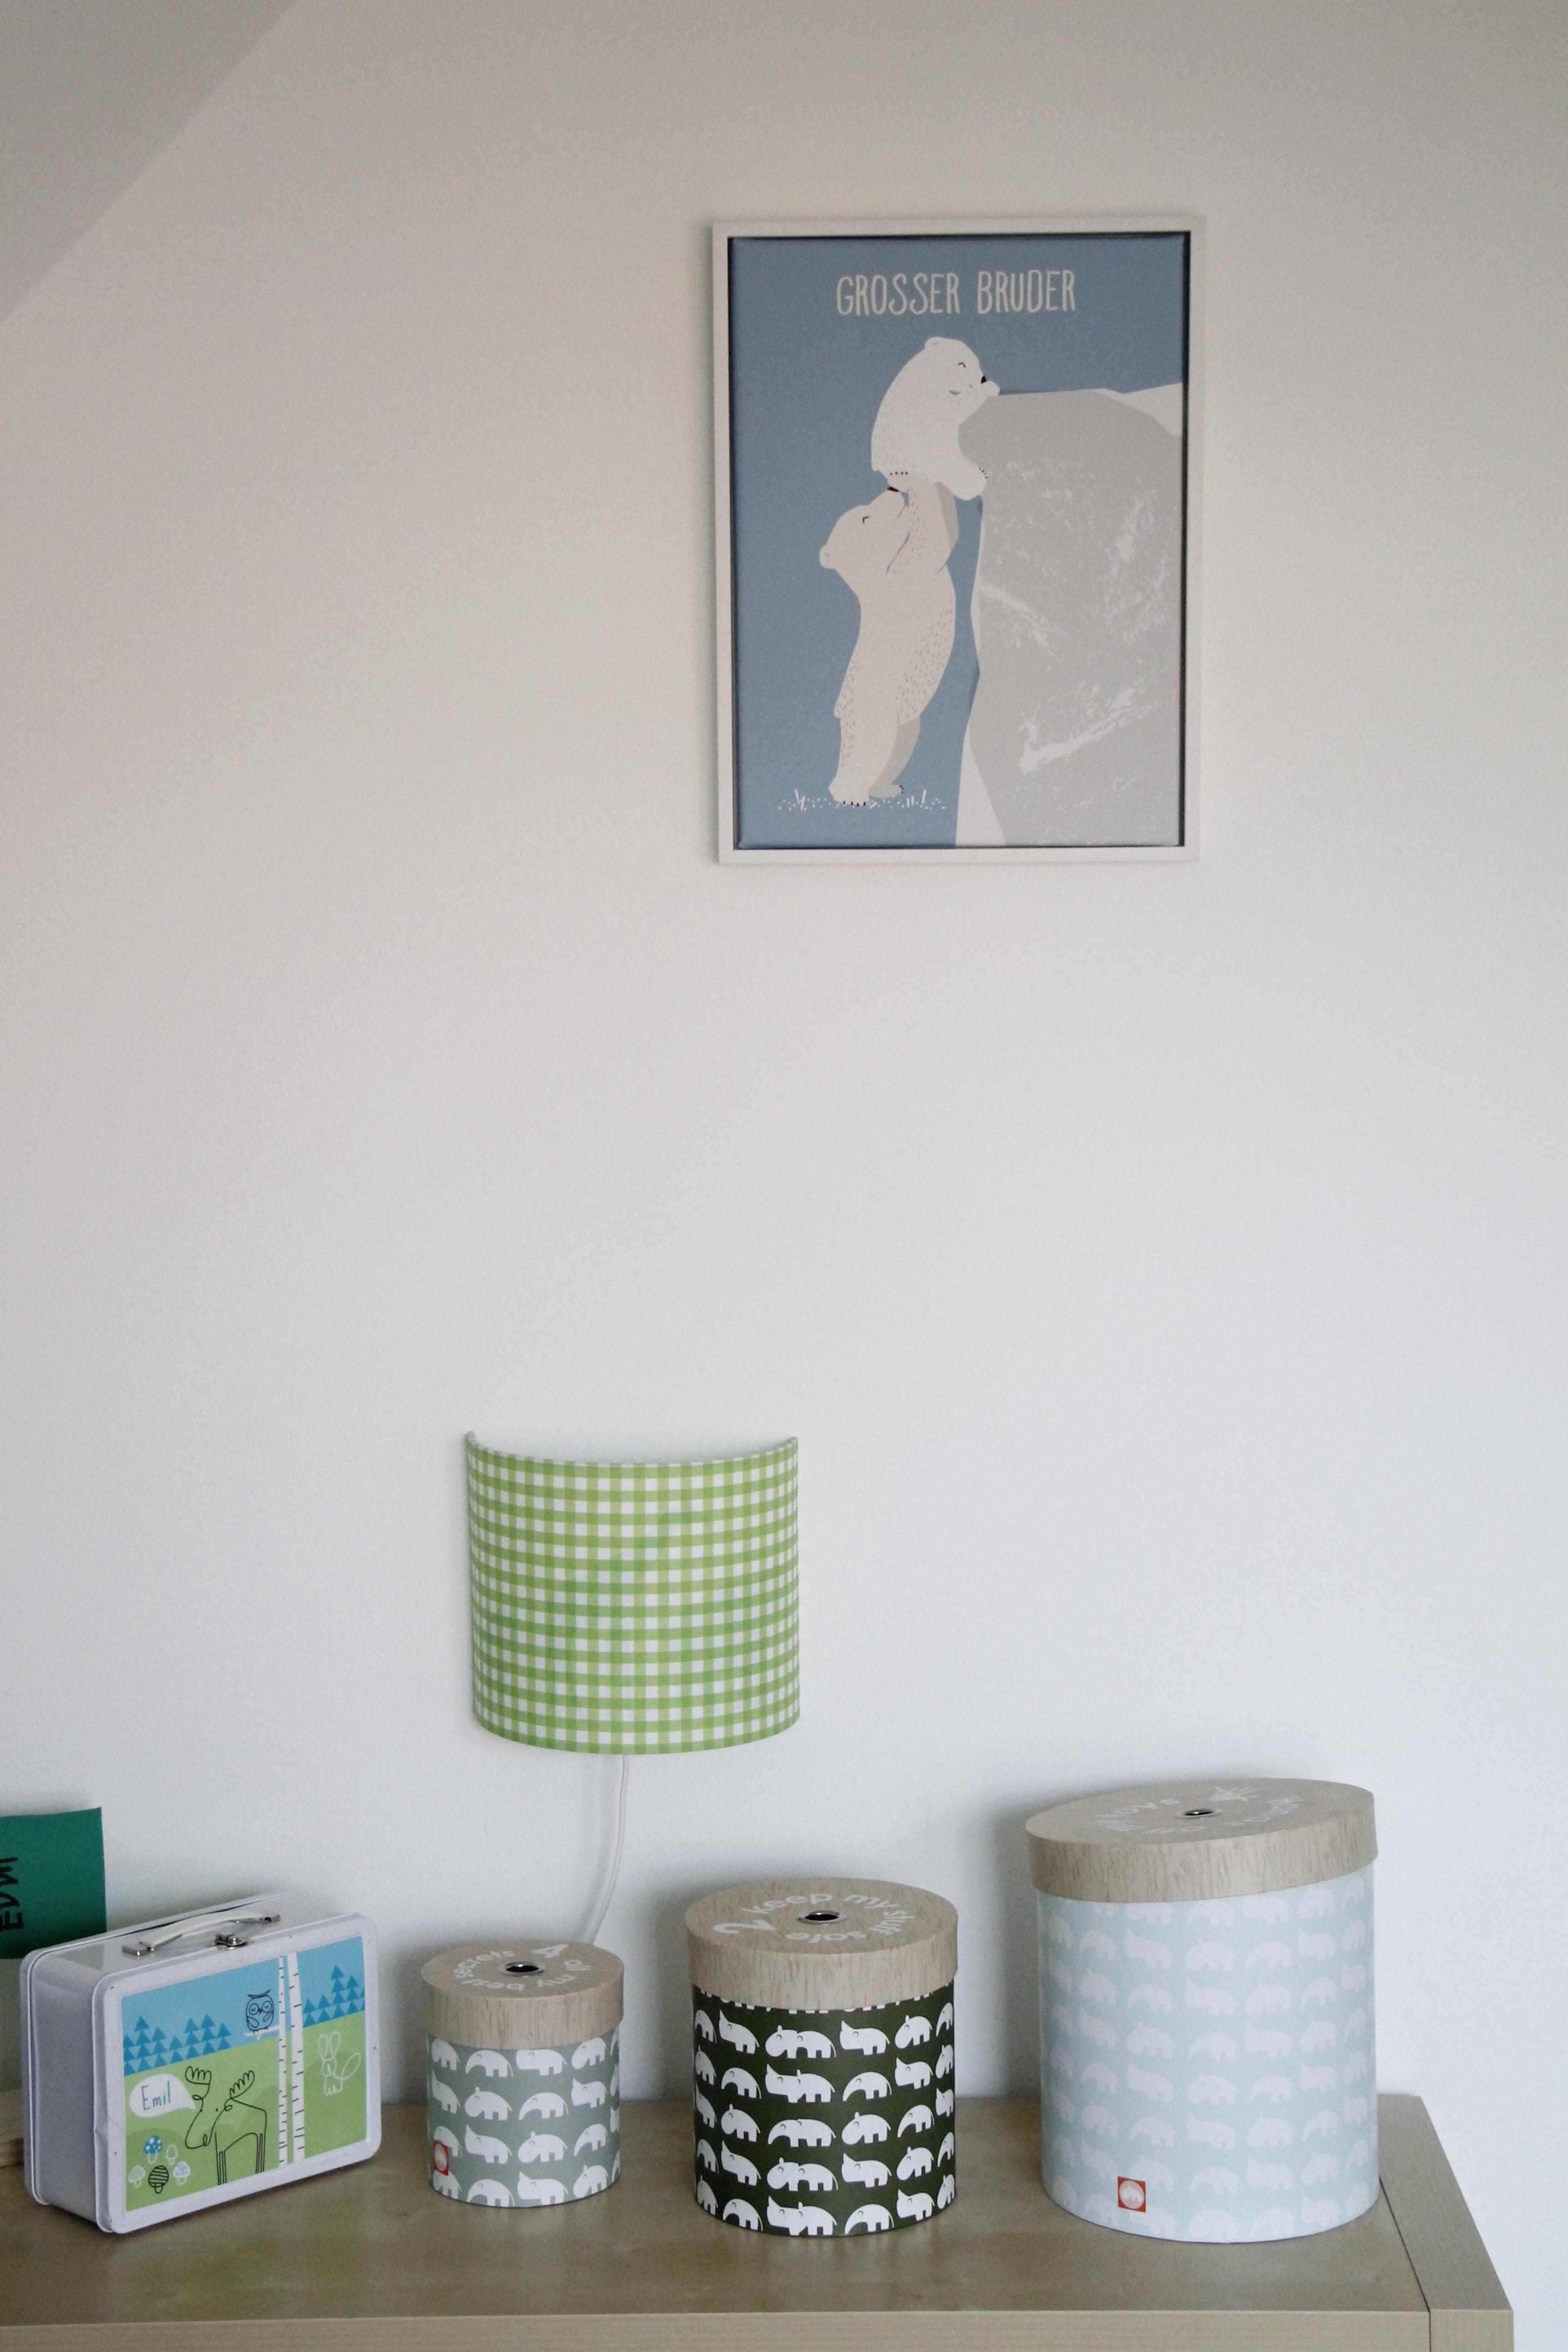 einrichtungstipps was sollte man beim einrichten beachten lavendelblog. Black Bedroom Furniture Sets. Home Design Ideas